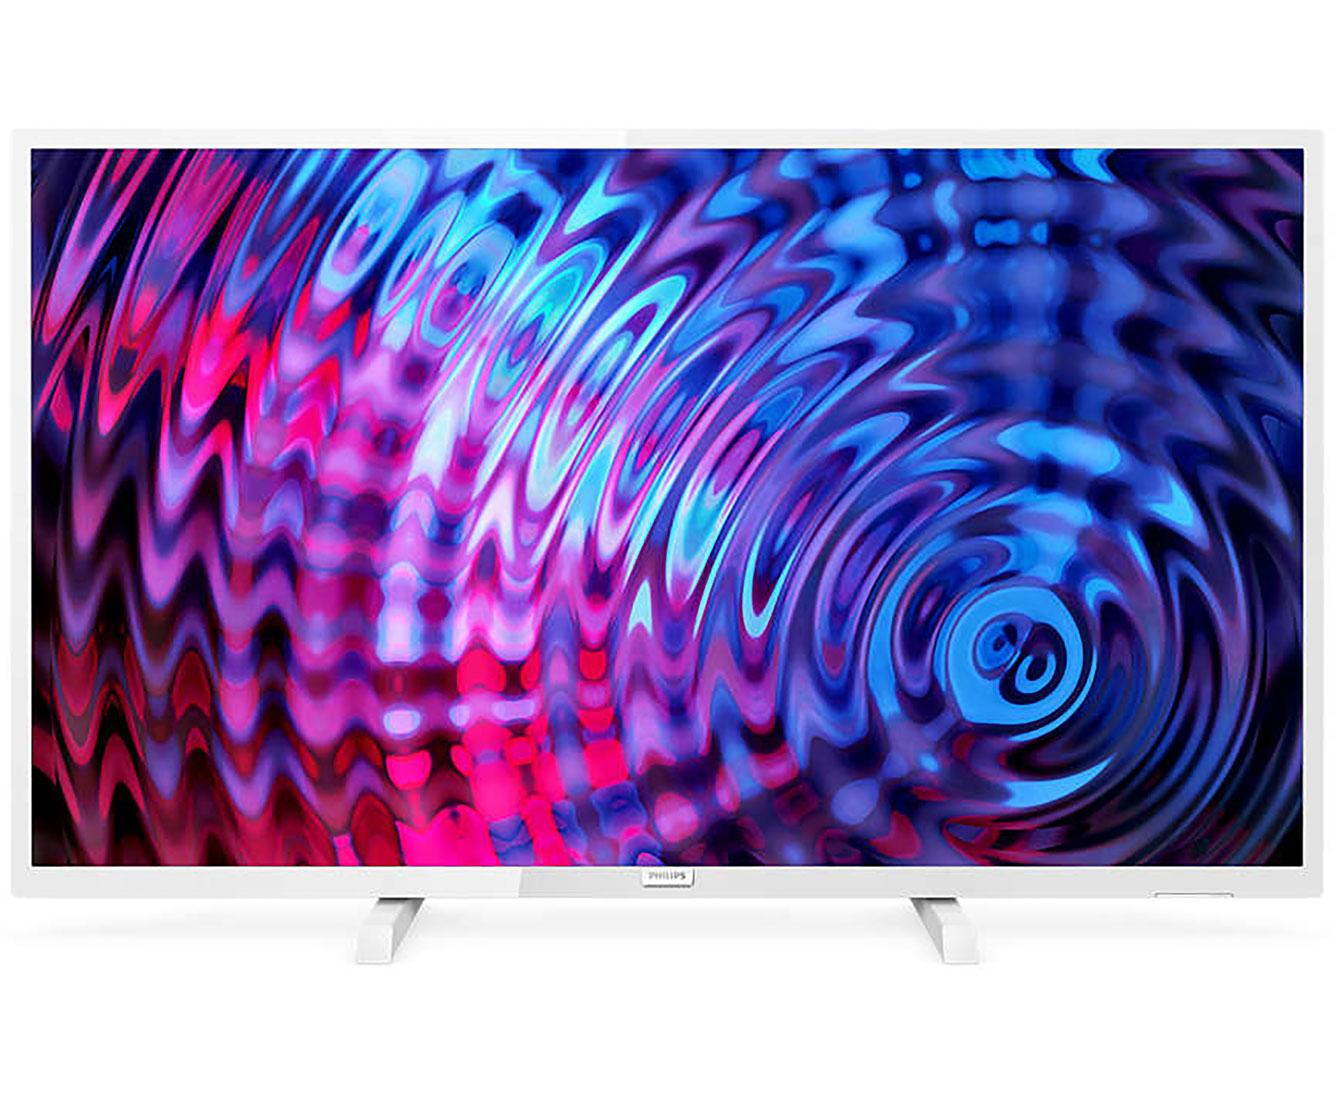 Philips TV 24PFS5603 Fernseher - Weiss